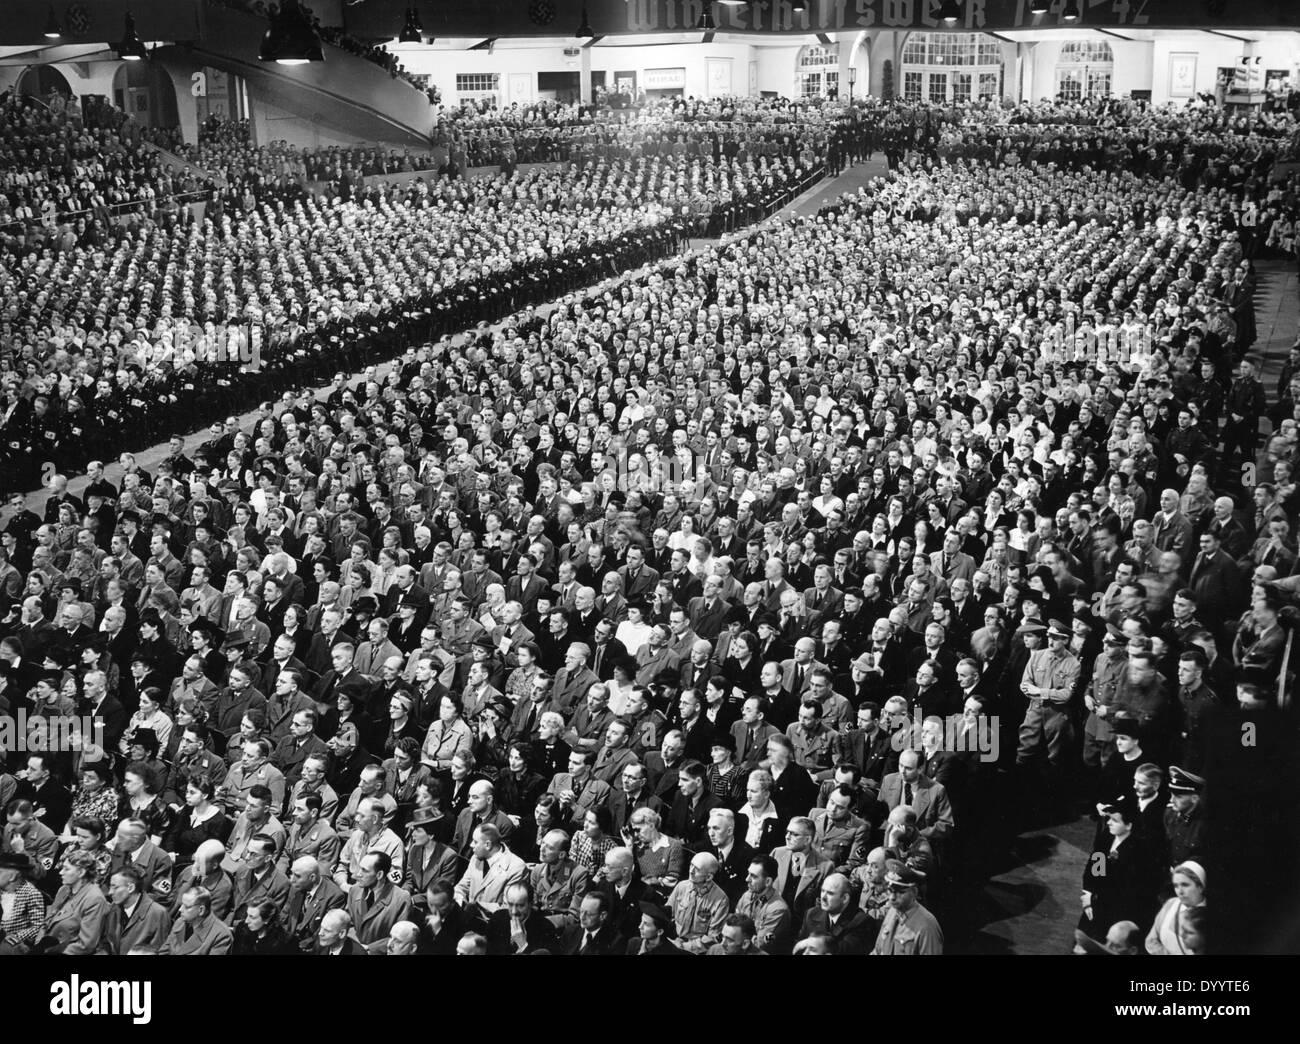 Nazi Germany: Everyday life, 1933-1945 - Stock Image